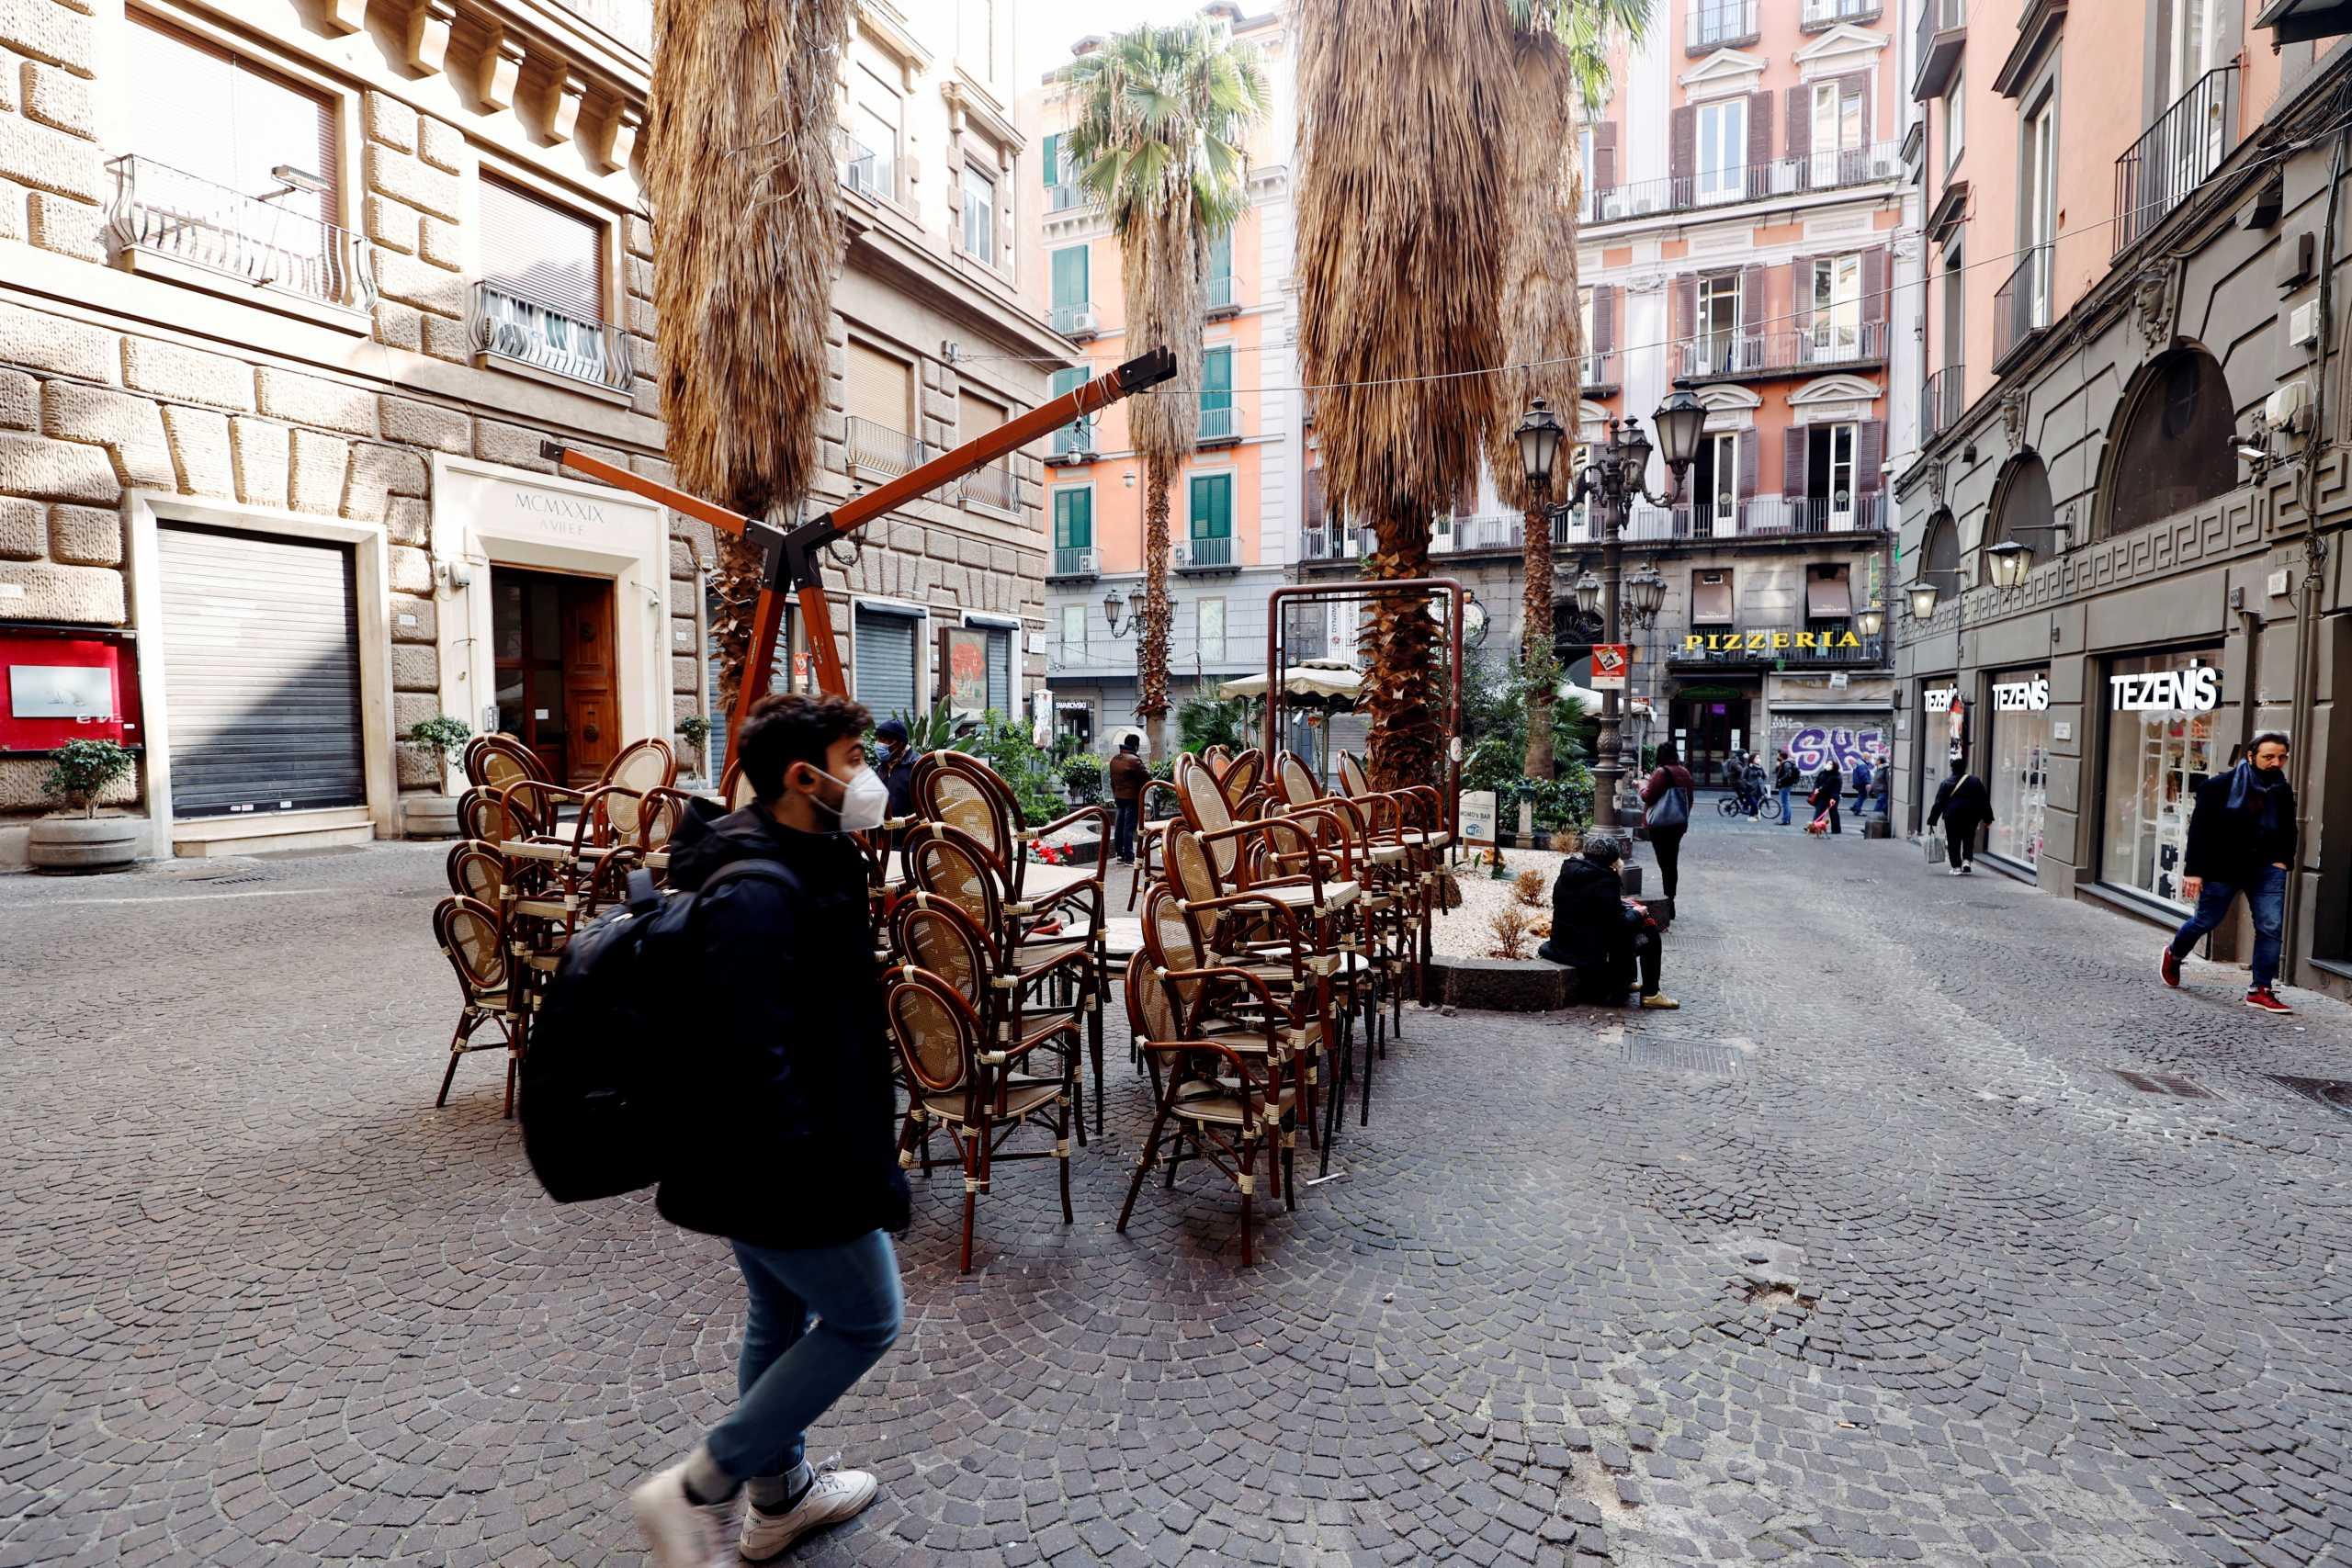 Ιταλία: 296 νεκροί και πάνω από 10.000 κρούσματα κορονοϊού